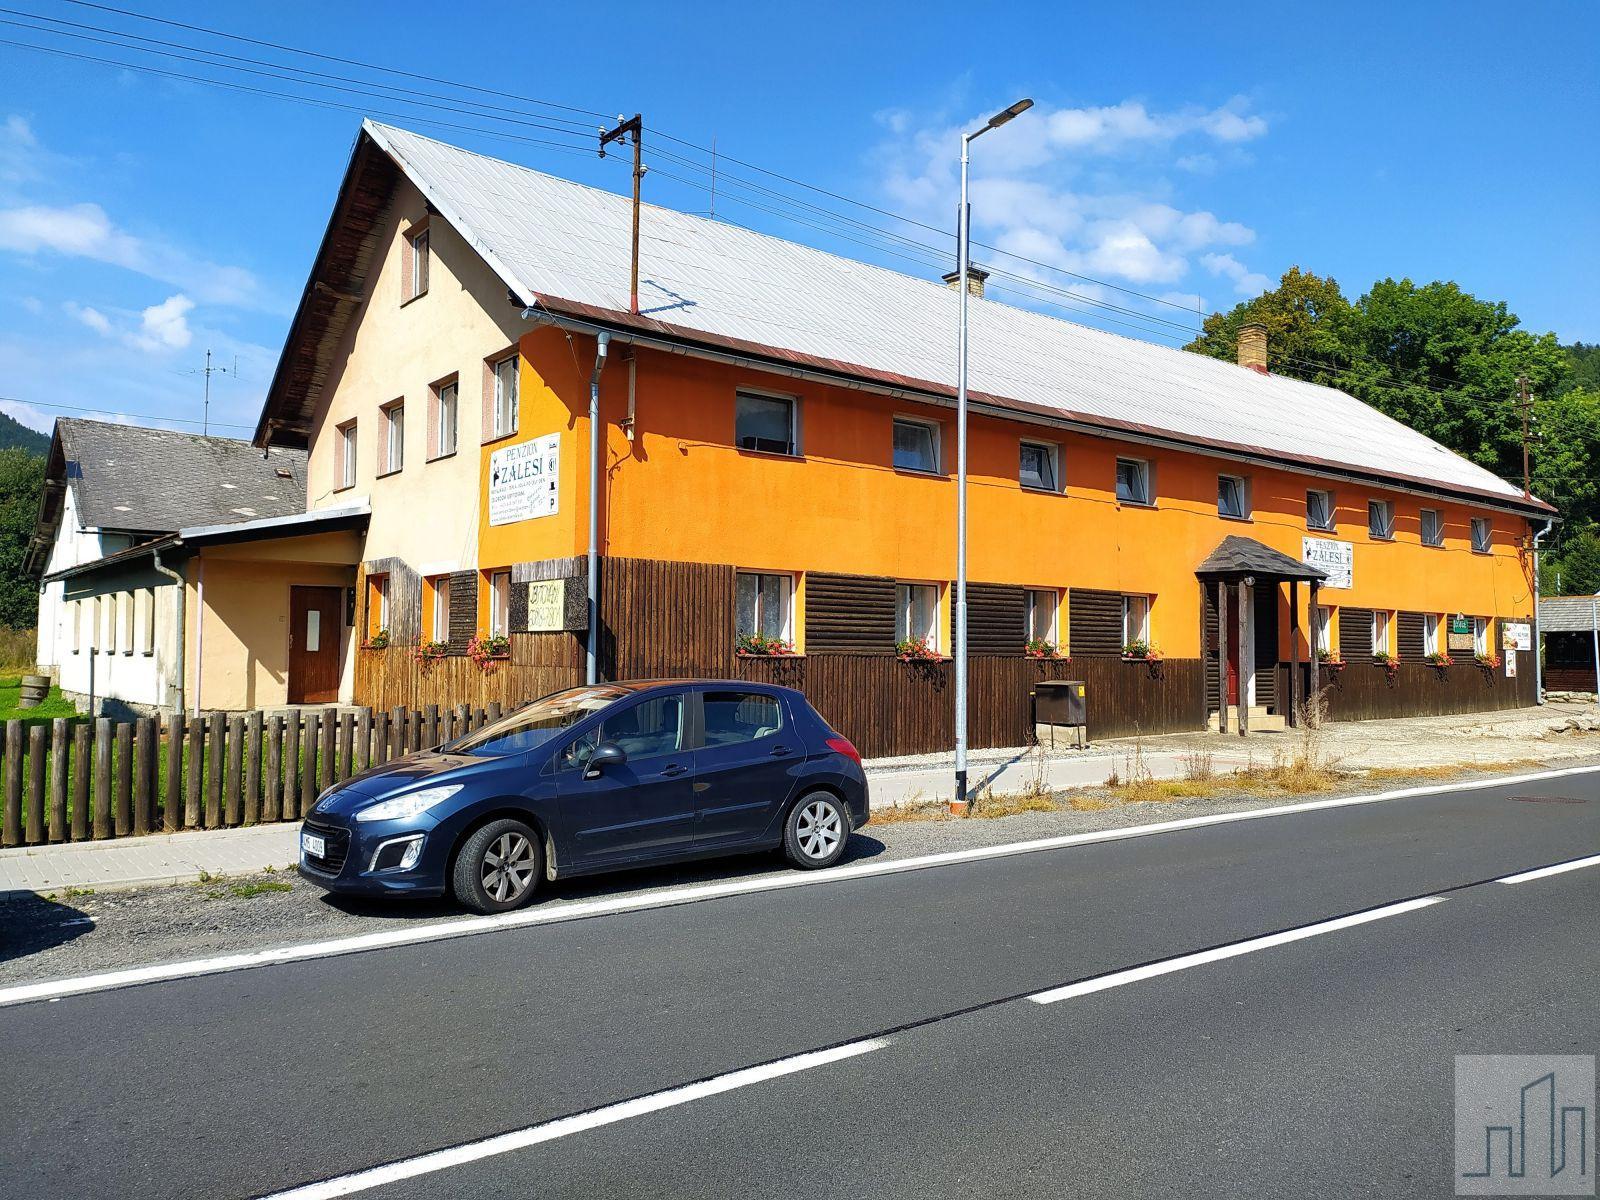 Prodej penzionu 1261 m2, pozemek 8617 m2, v obci Loučná nad Desnou, okres Šumperk